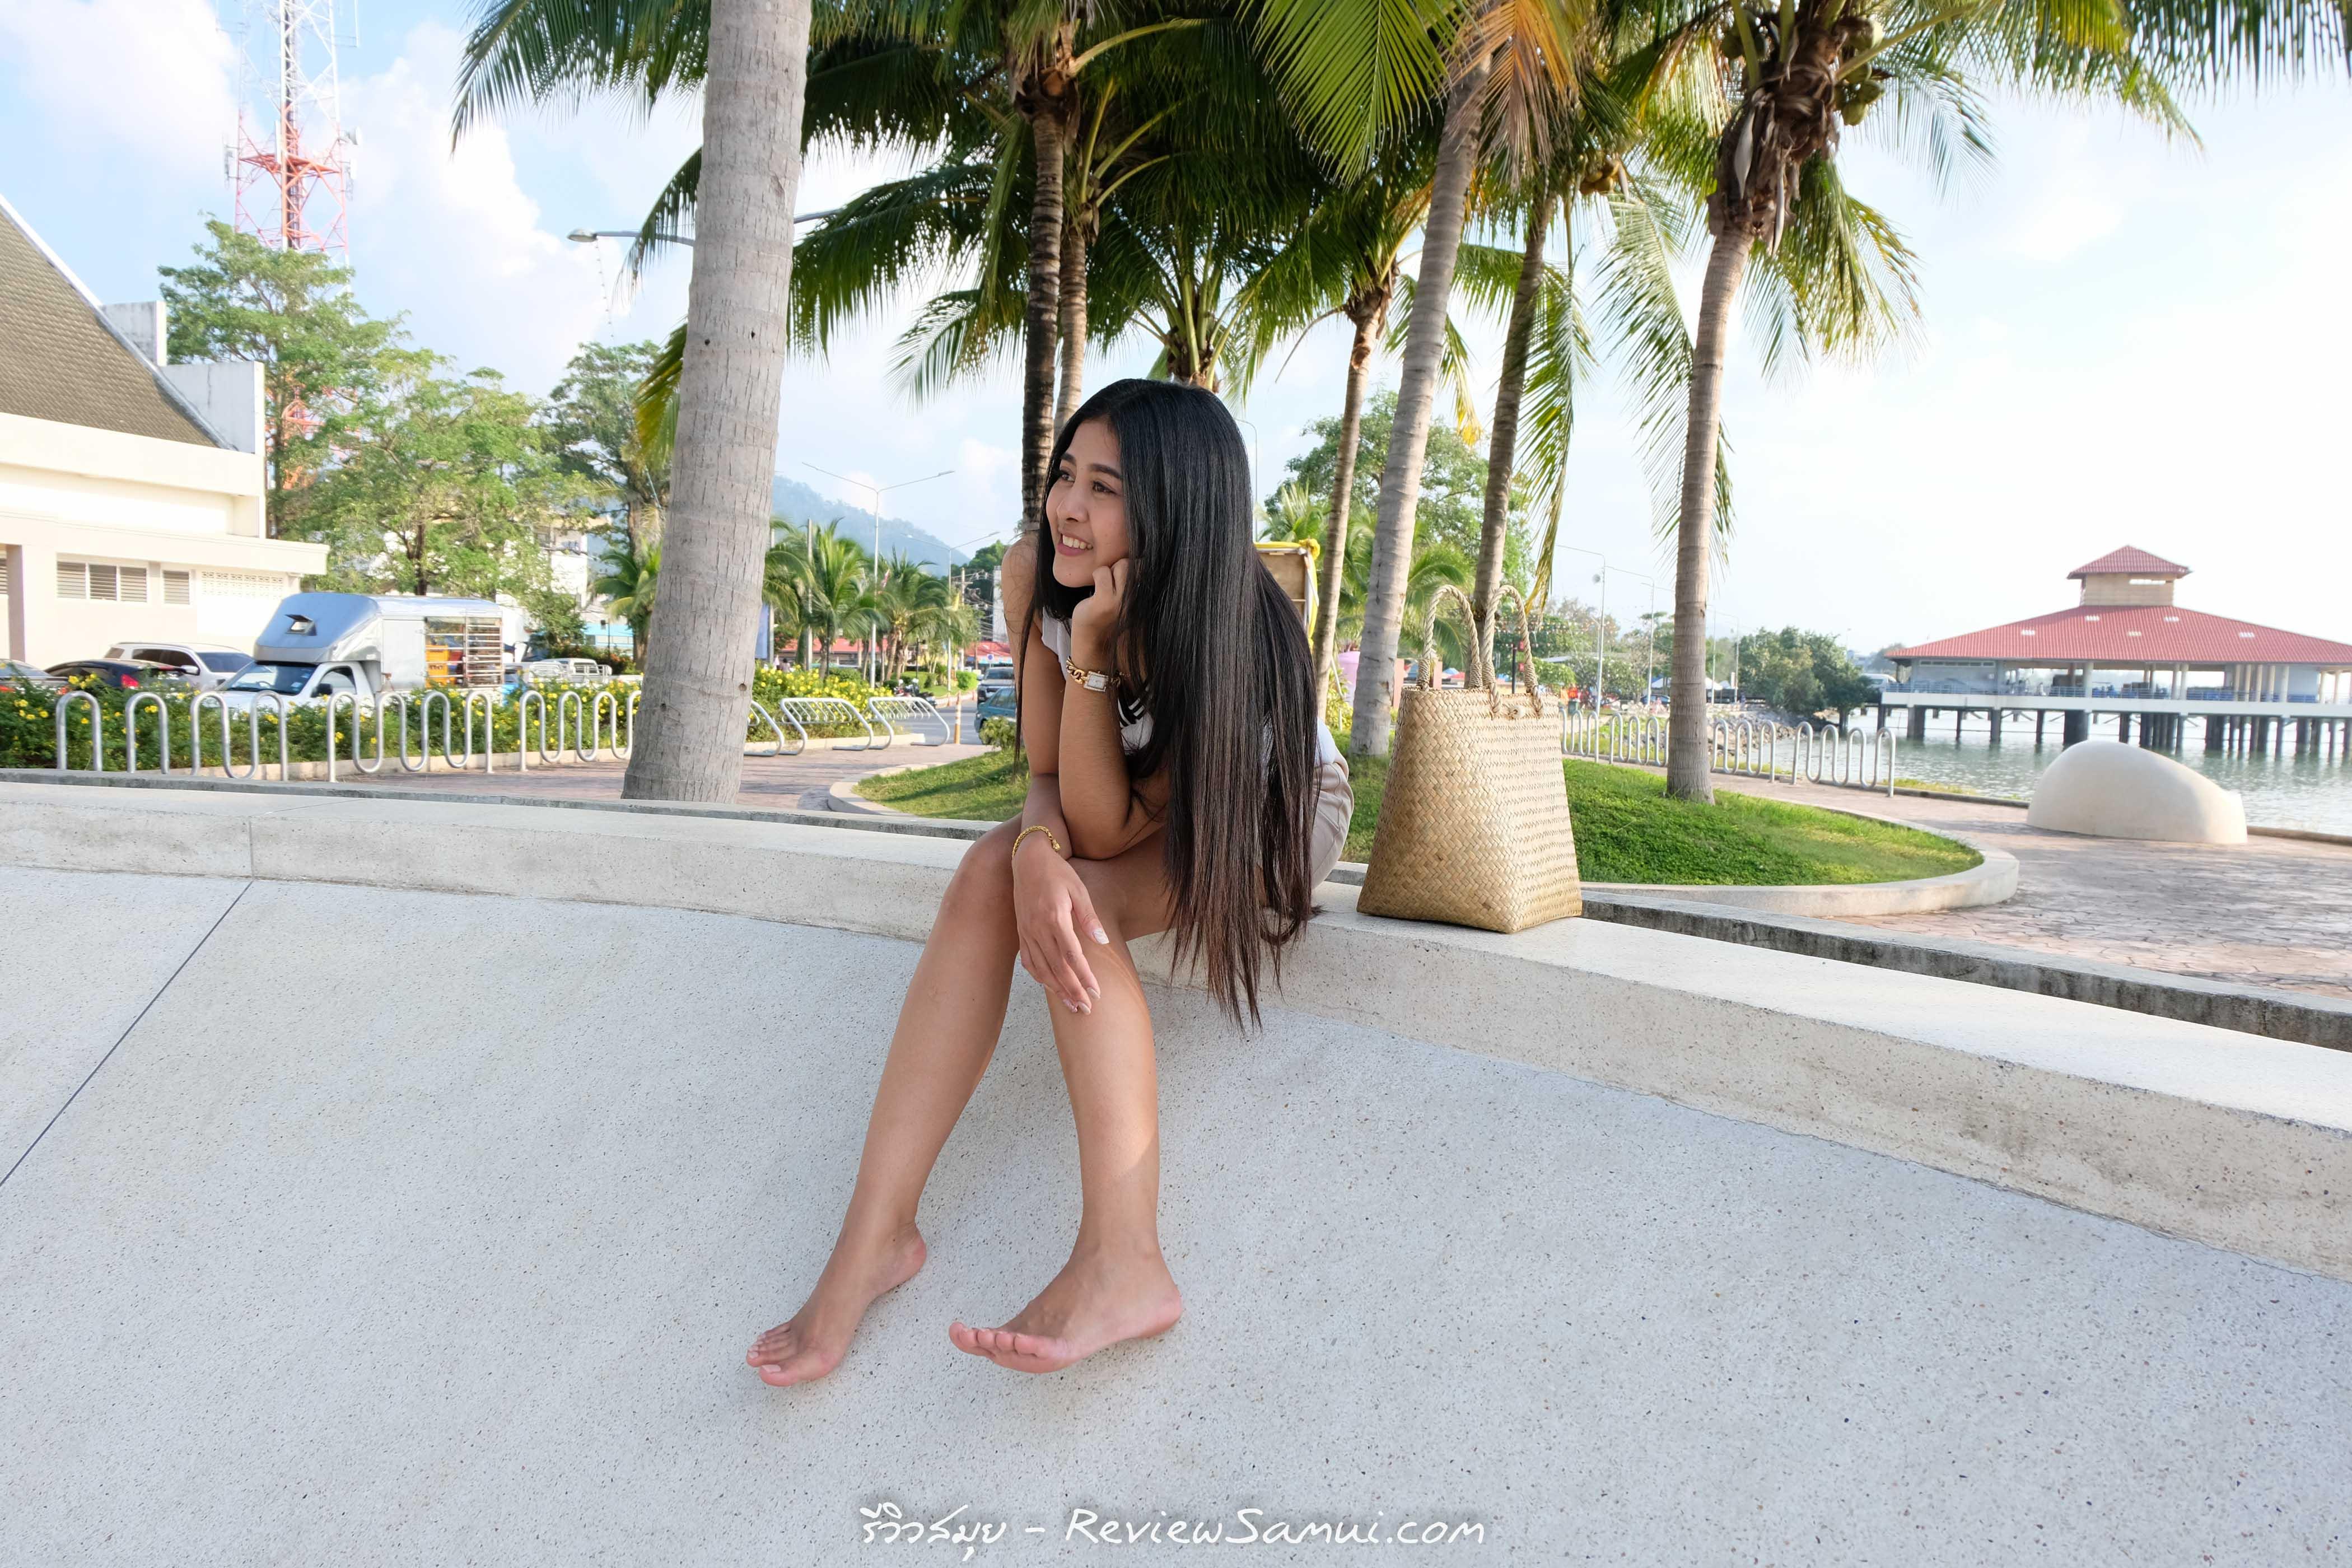 ท่าเทียบเรือหน้าทอน Cocoport Koh Samui รีวิวสมุย | Review samui